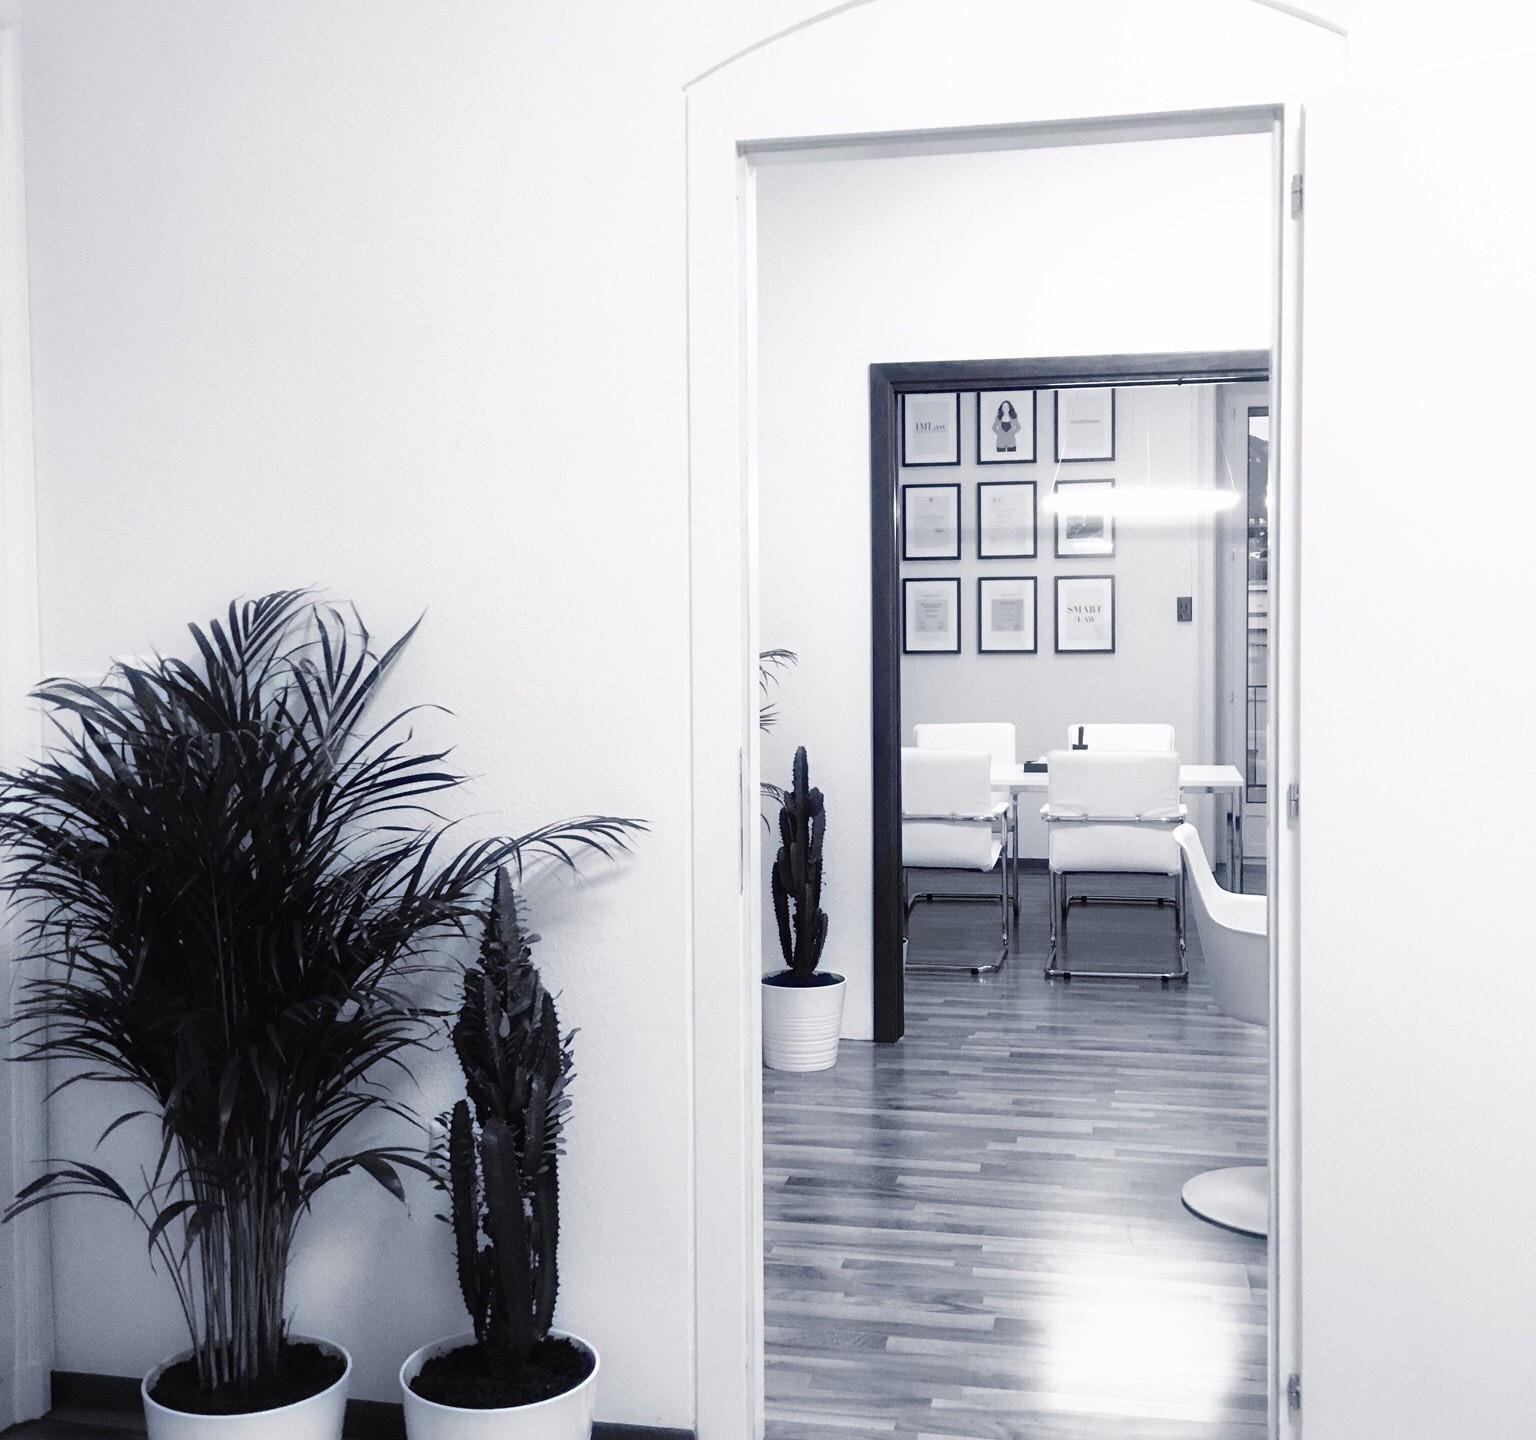 IMLaw_New Office_Lugano